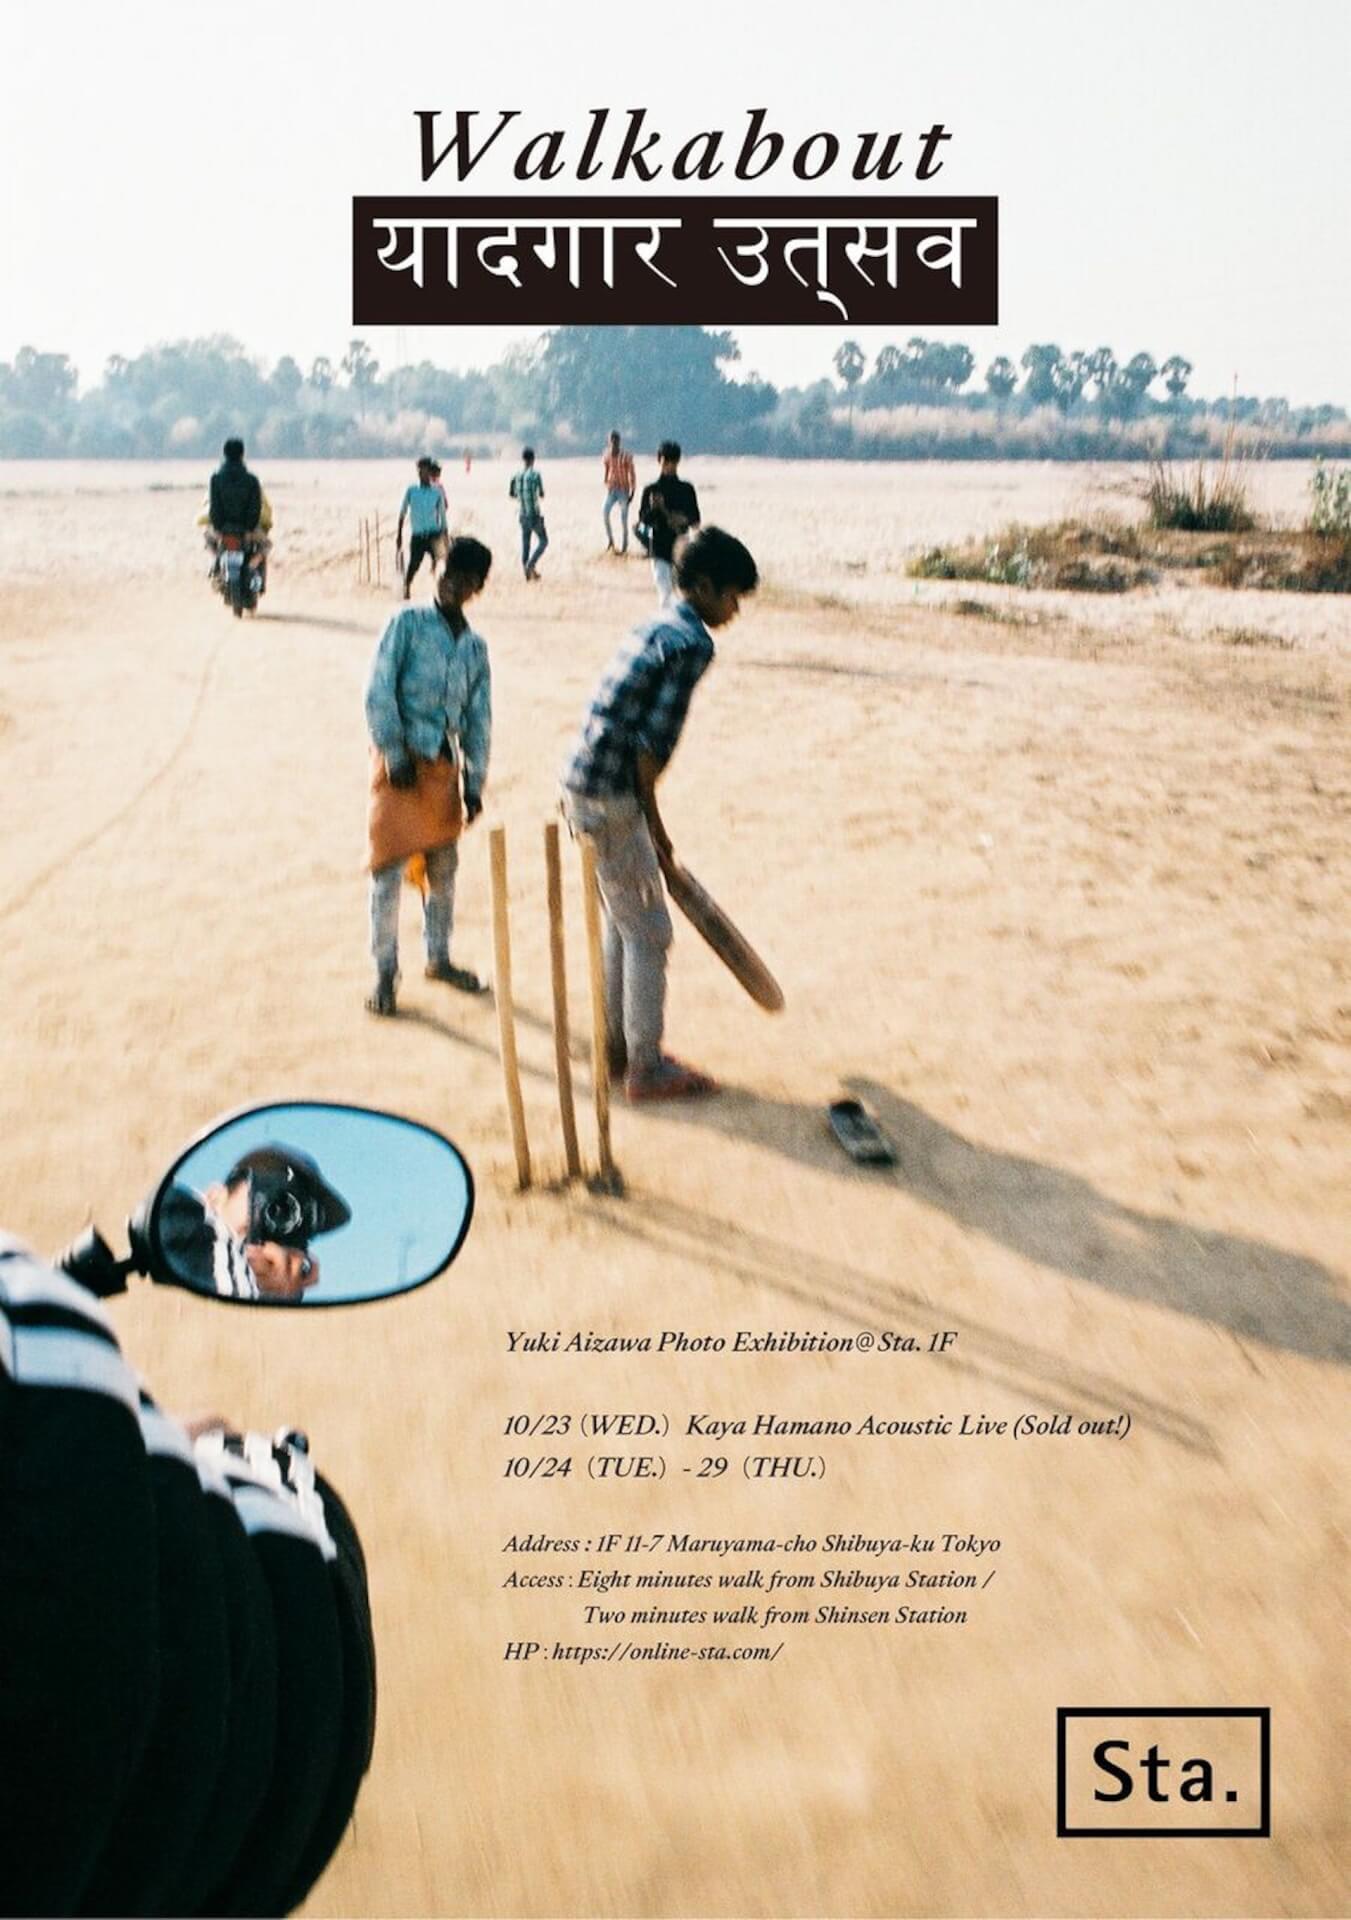 写真展示<Yuki Aizawa Photo Exhibition>が開催|Gateballersとのインド旅を記録した『Walkabout』創刊記念 artandculture191021_yukiaizawaphotoex_04